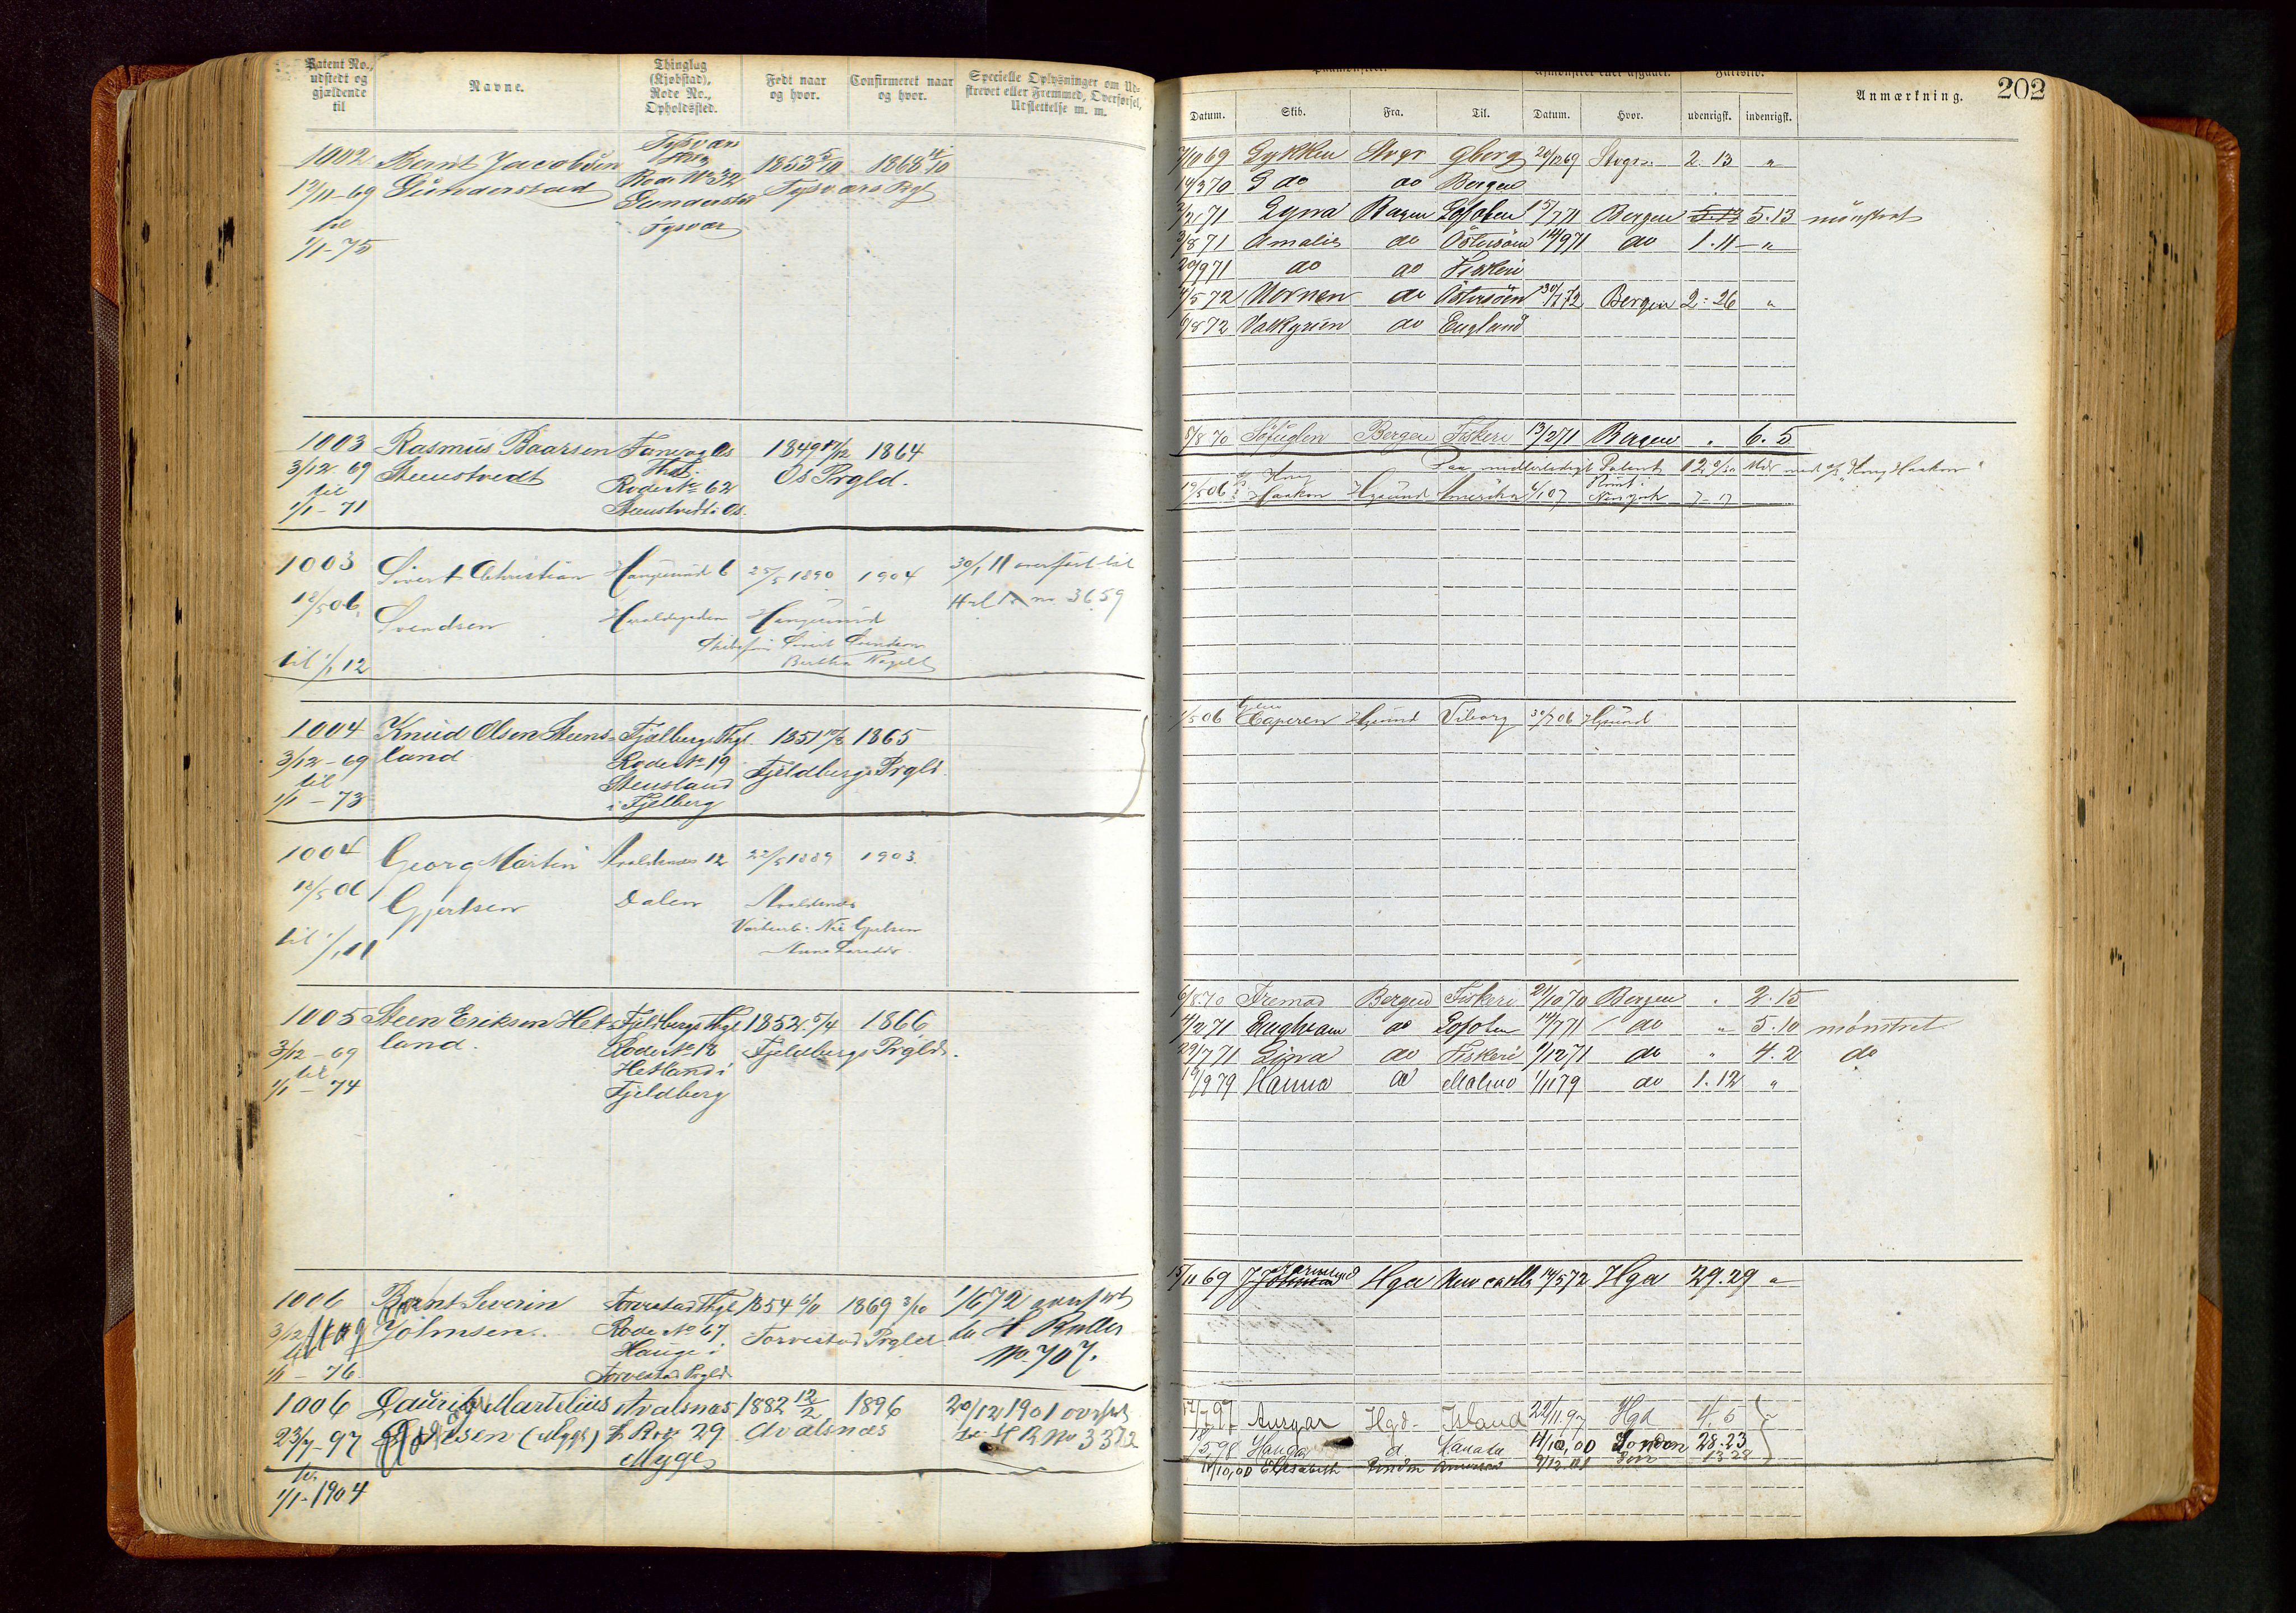 SAST, Haugesund sjømannskontor, F/Ff/L0004: Sjøfartsrulle Haugesund krets nr. 1 - 3586, 1868-1948, s. 202